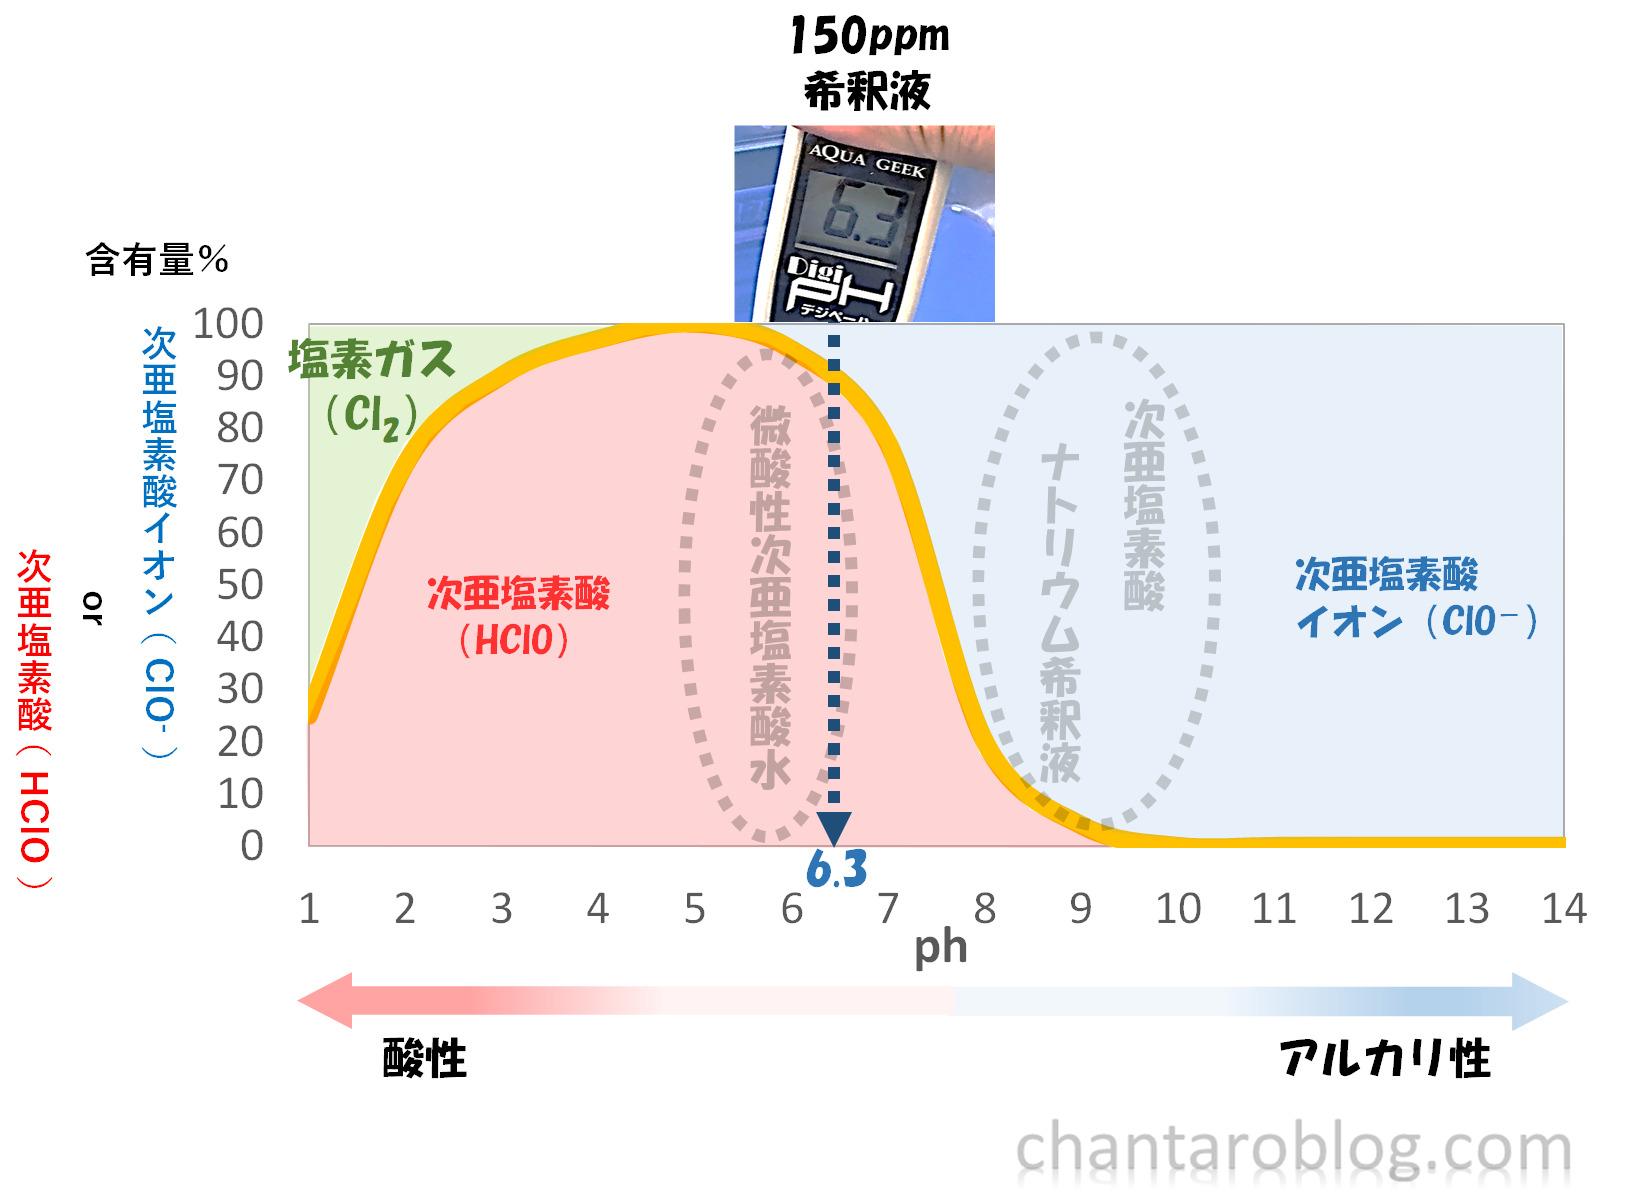 ミルトン錠剤を水に溶かして、phを測定した結果がグラフに書き込まれている。